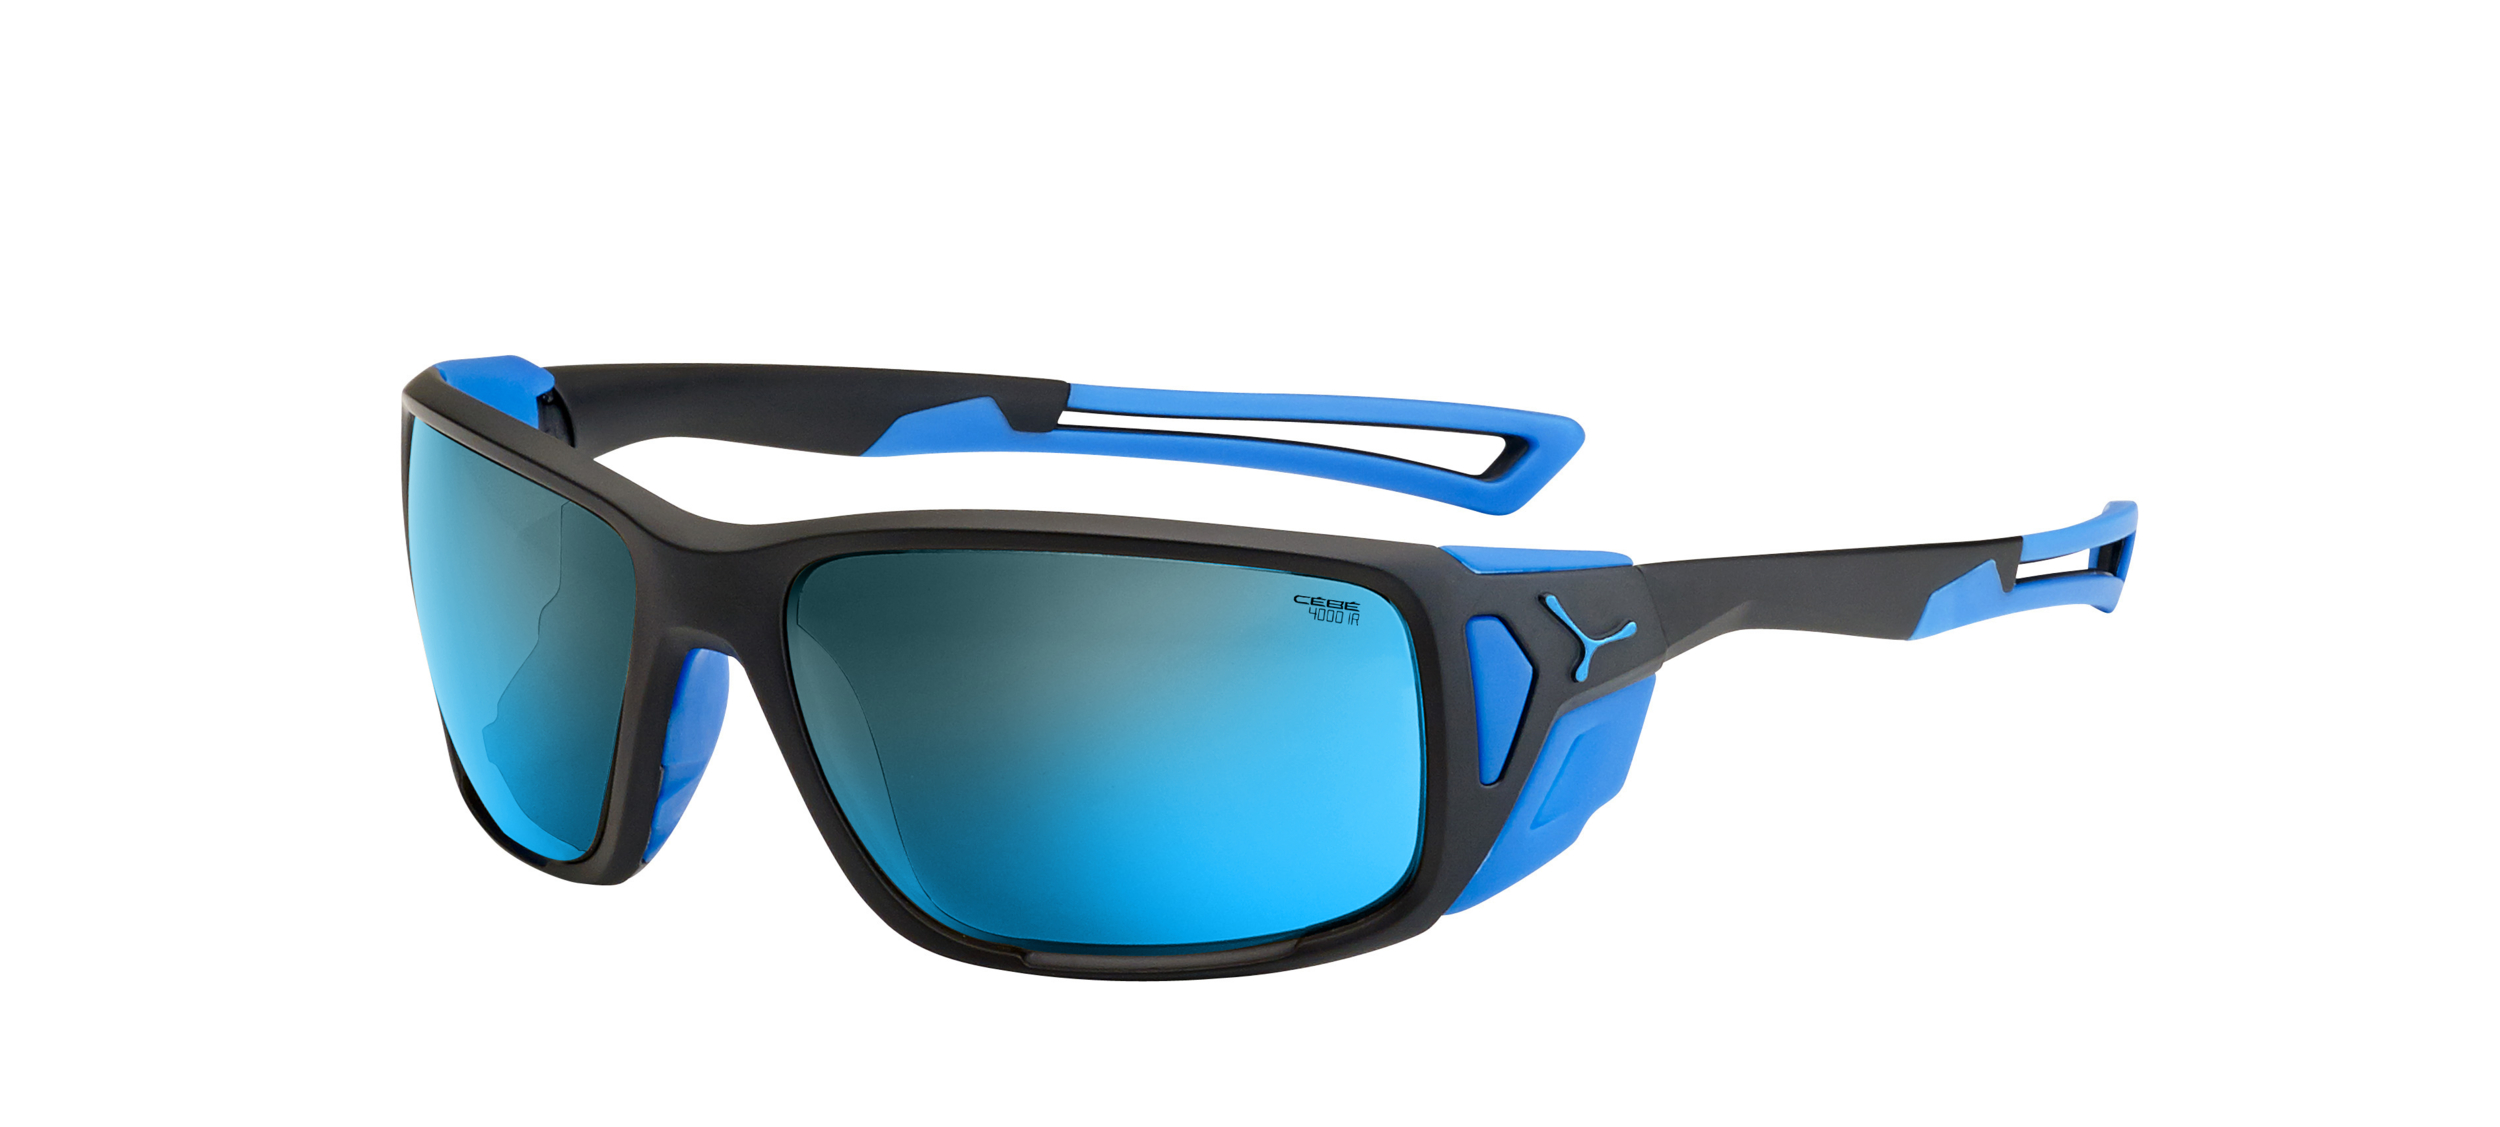 lunettes de haute montagne et l 39 alpinisme c b proguide cat 4. Black Bedroom Furniture Sets. Home Design Ideas